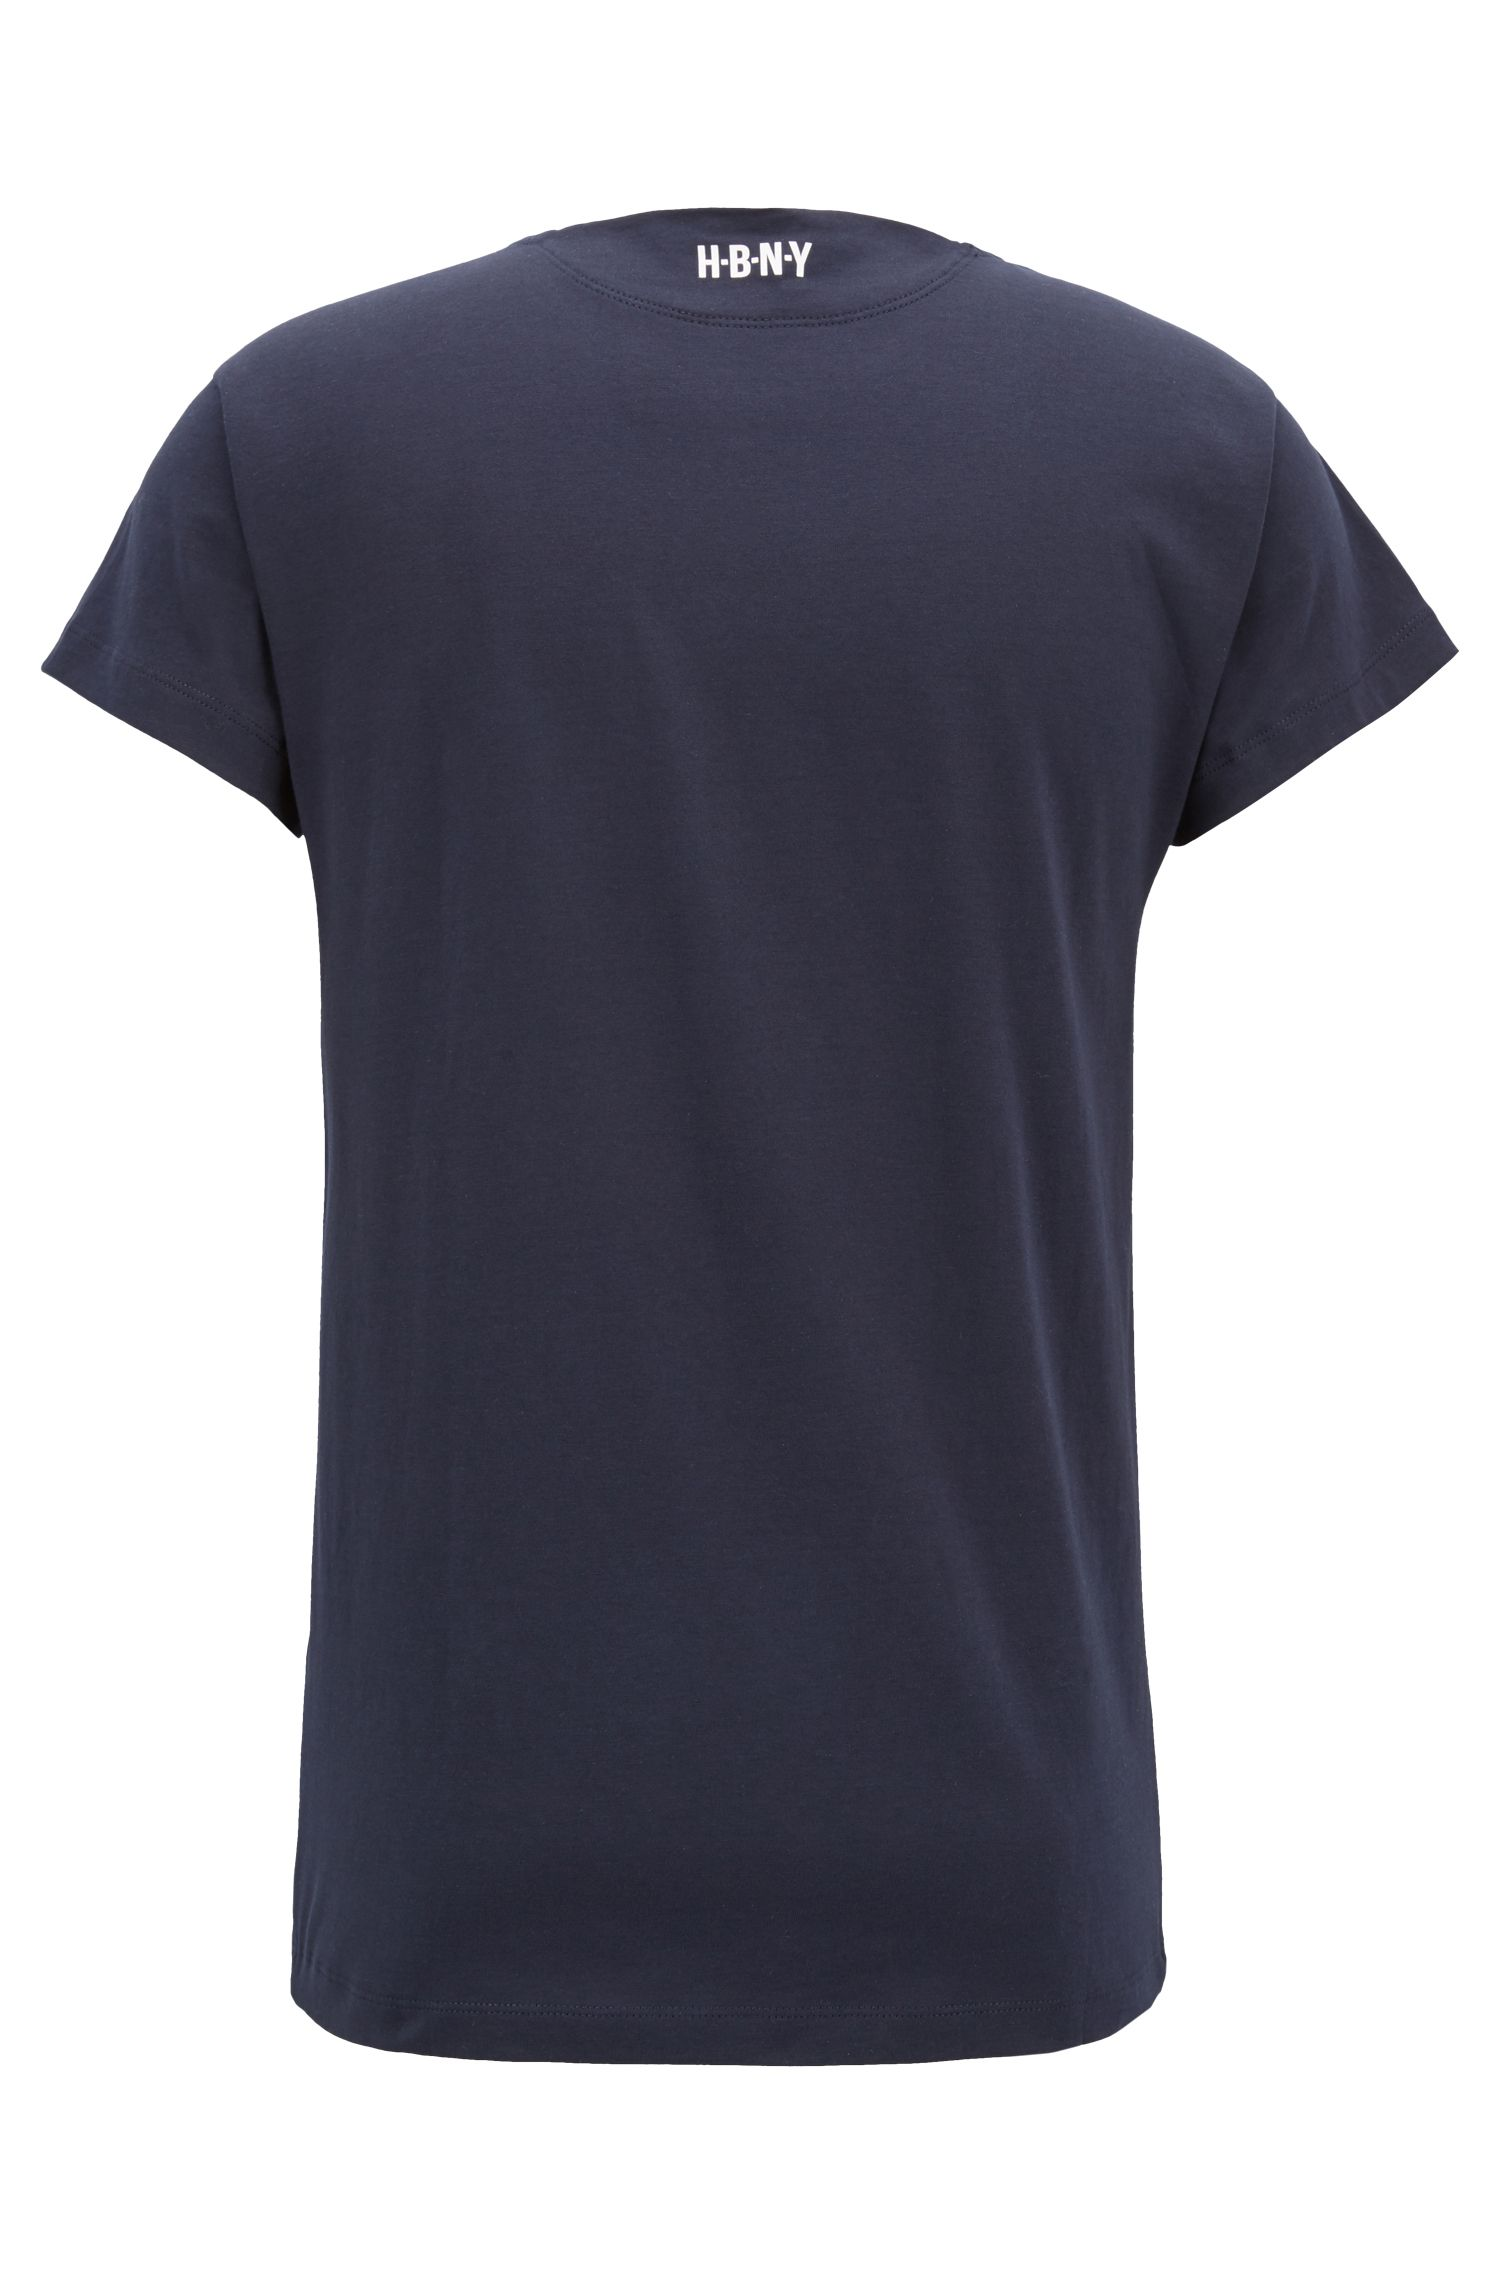 T-shirt imprimé en jersey simple de coton lavé